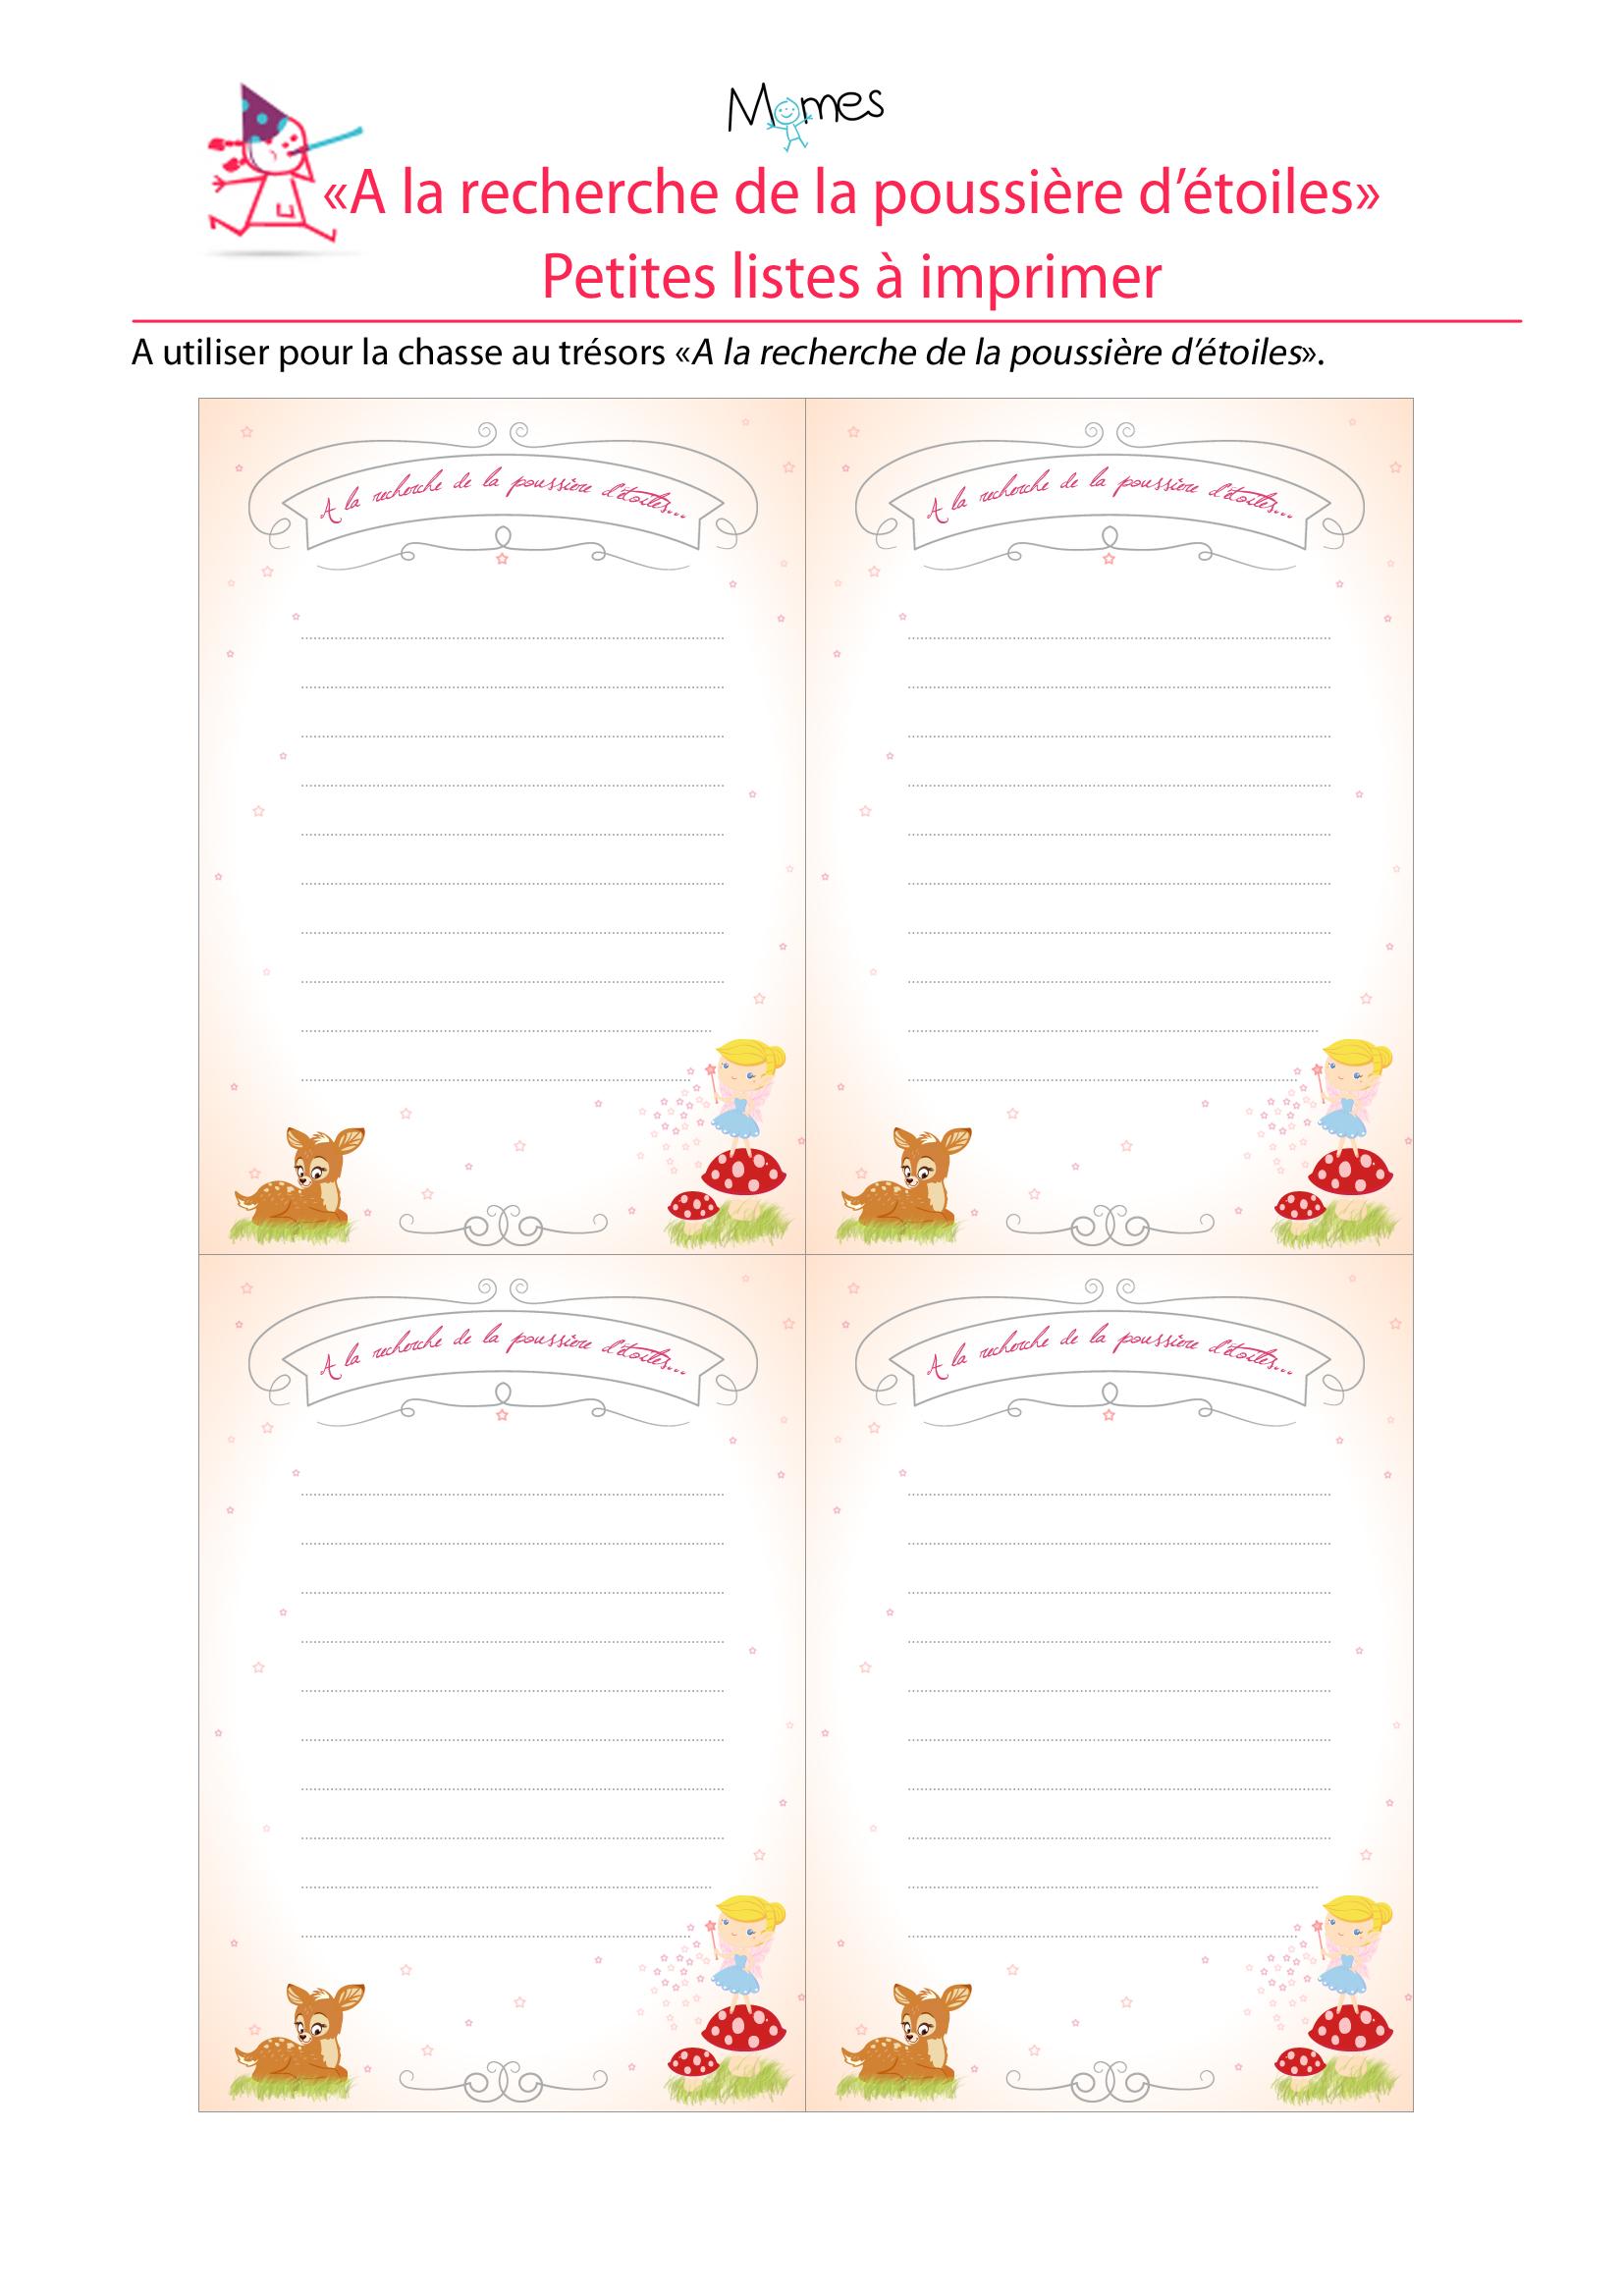 """Petites listes à imprimer pour le jeu """"à la recherche de la poussière d'étoiles"""""""